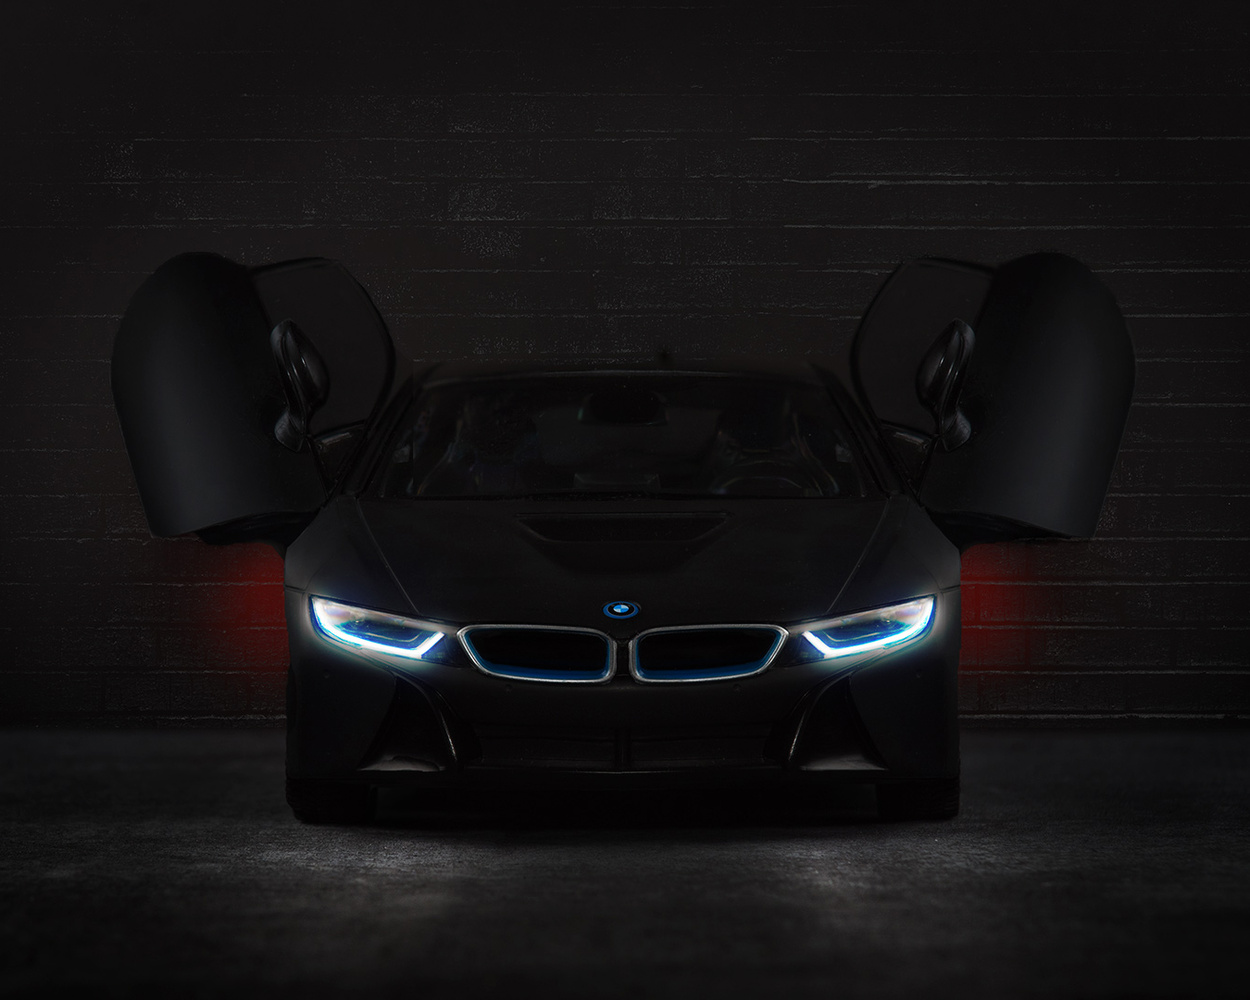 BMW i8 After Dark by John Dawson